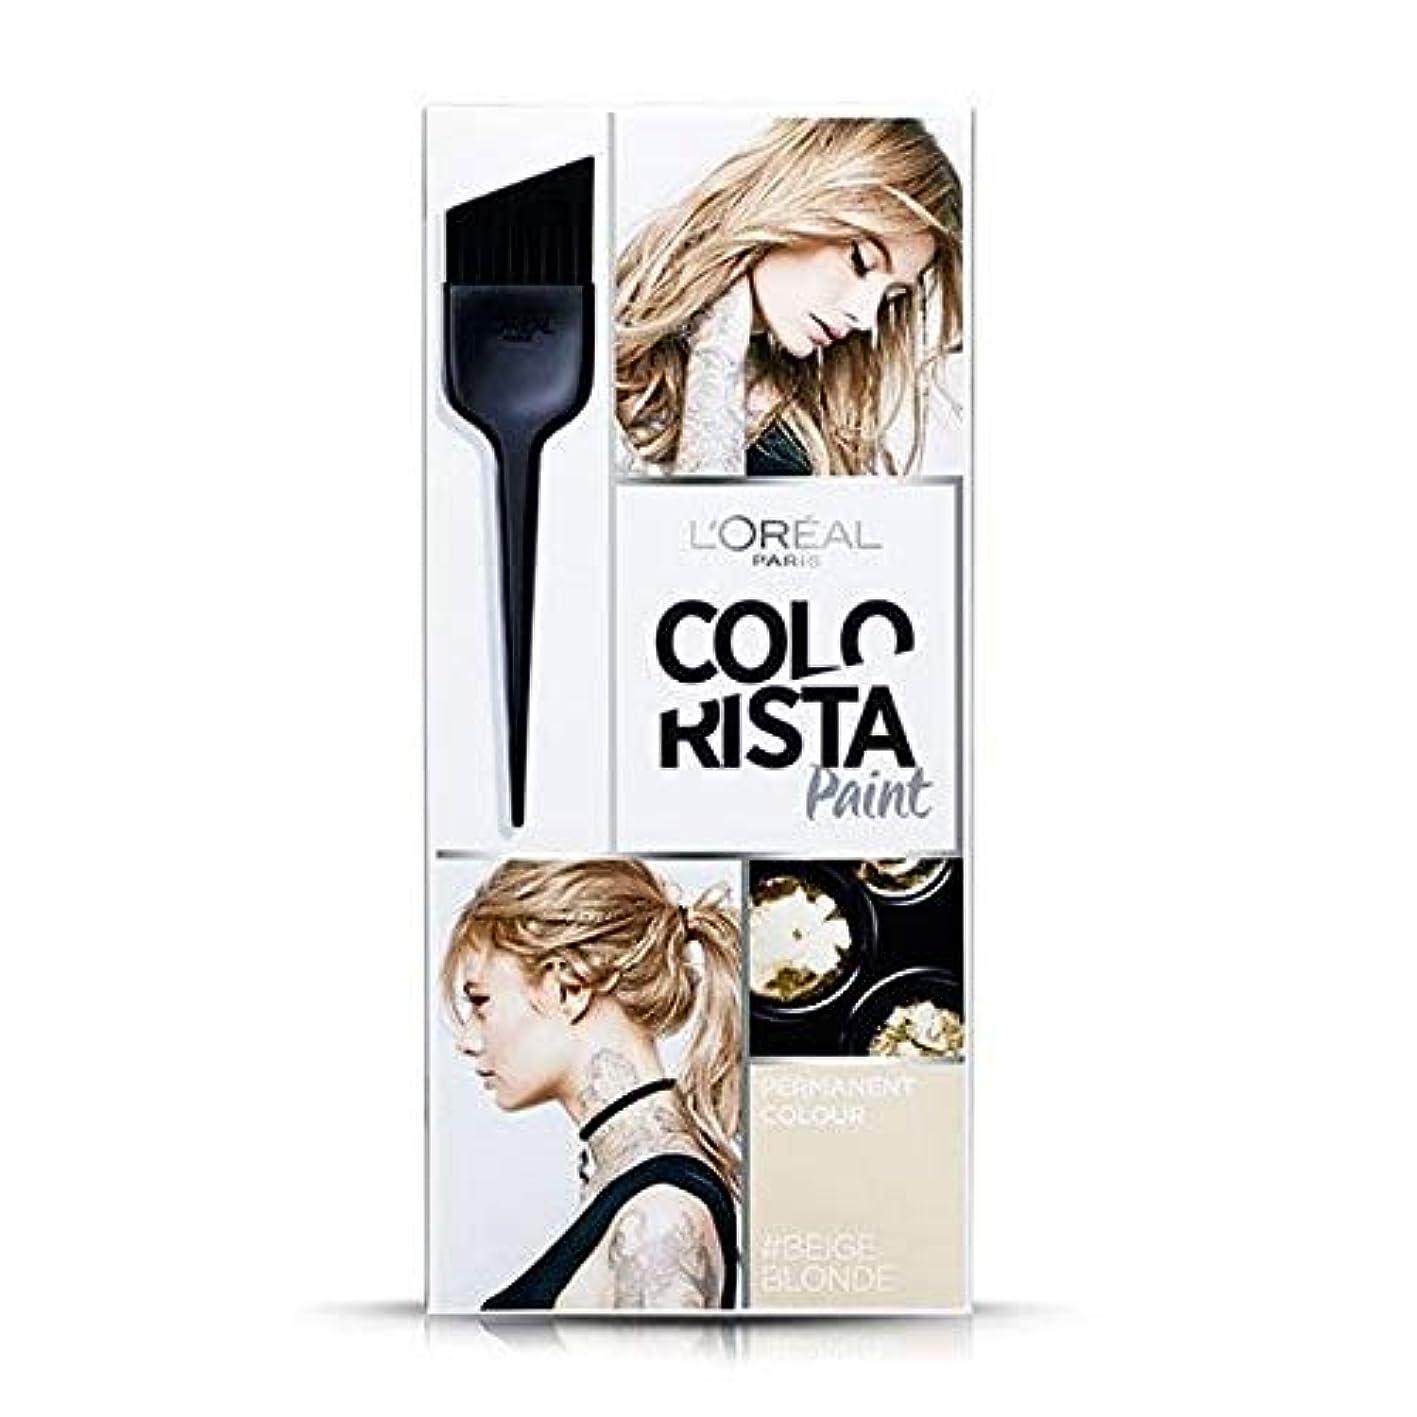 月面つば保護する[Colorista] ベージュブロンドの髪の色素をペイントColorista - Colorista Paint Beige Blonde Hair Dye [並行輸入品]